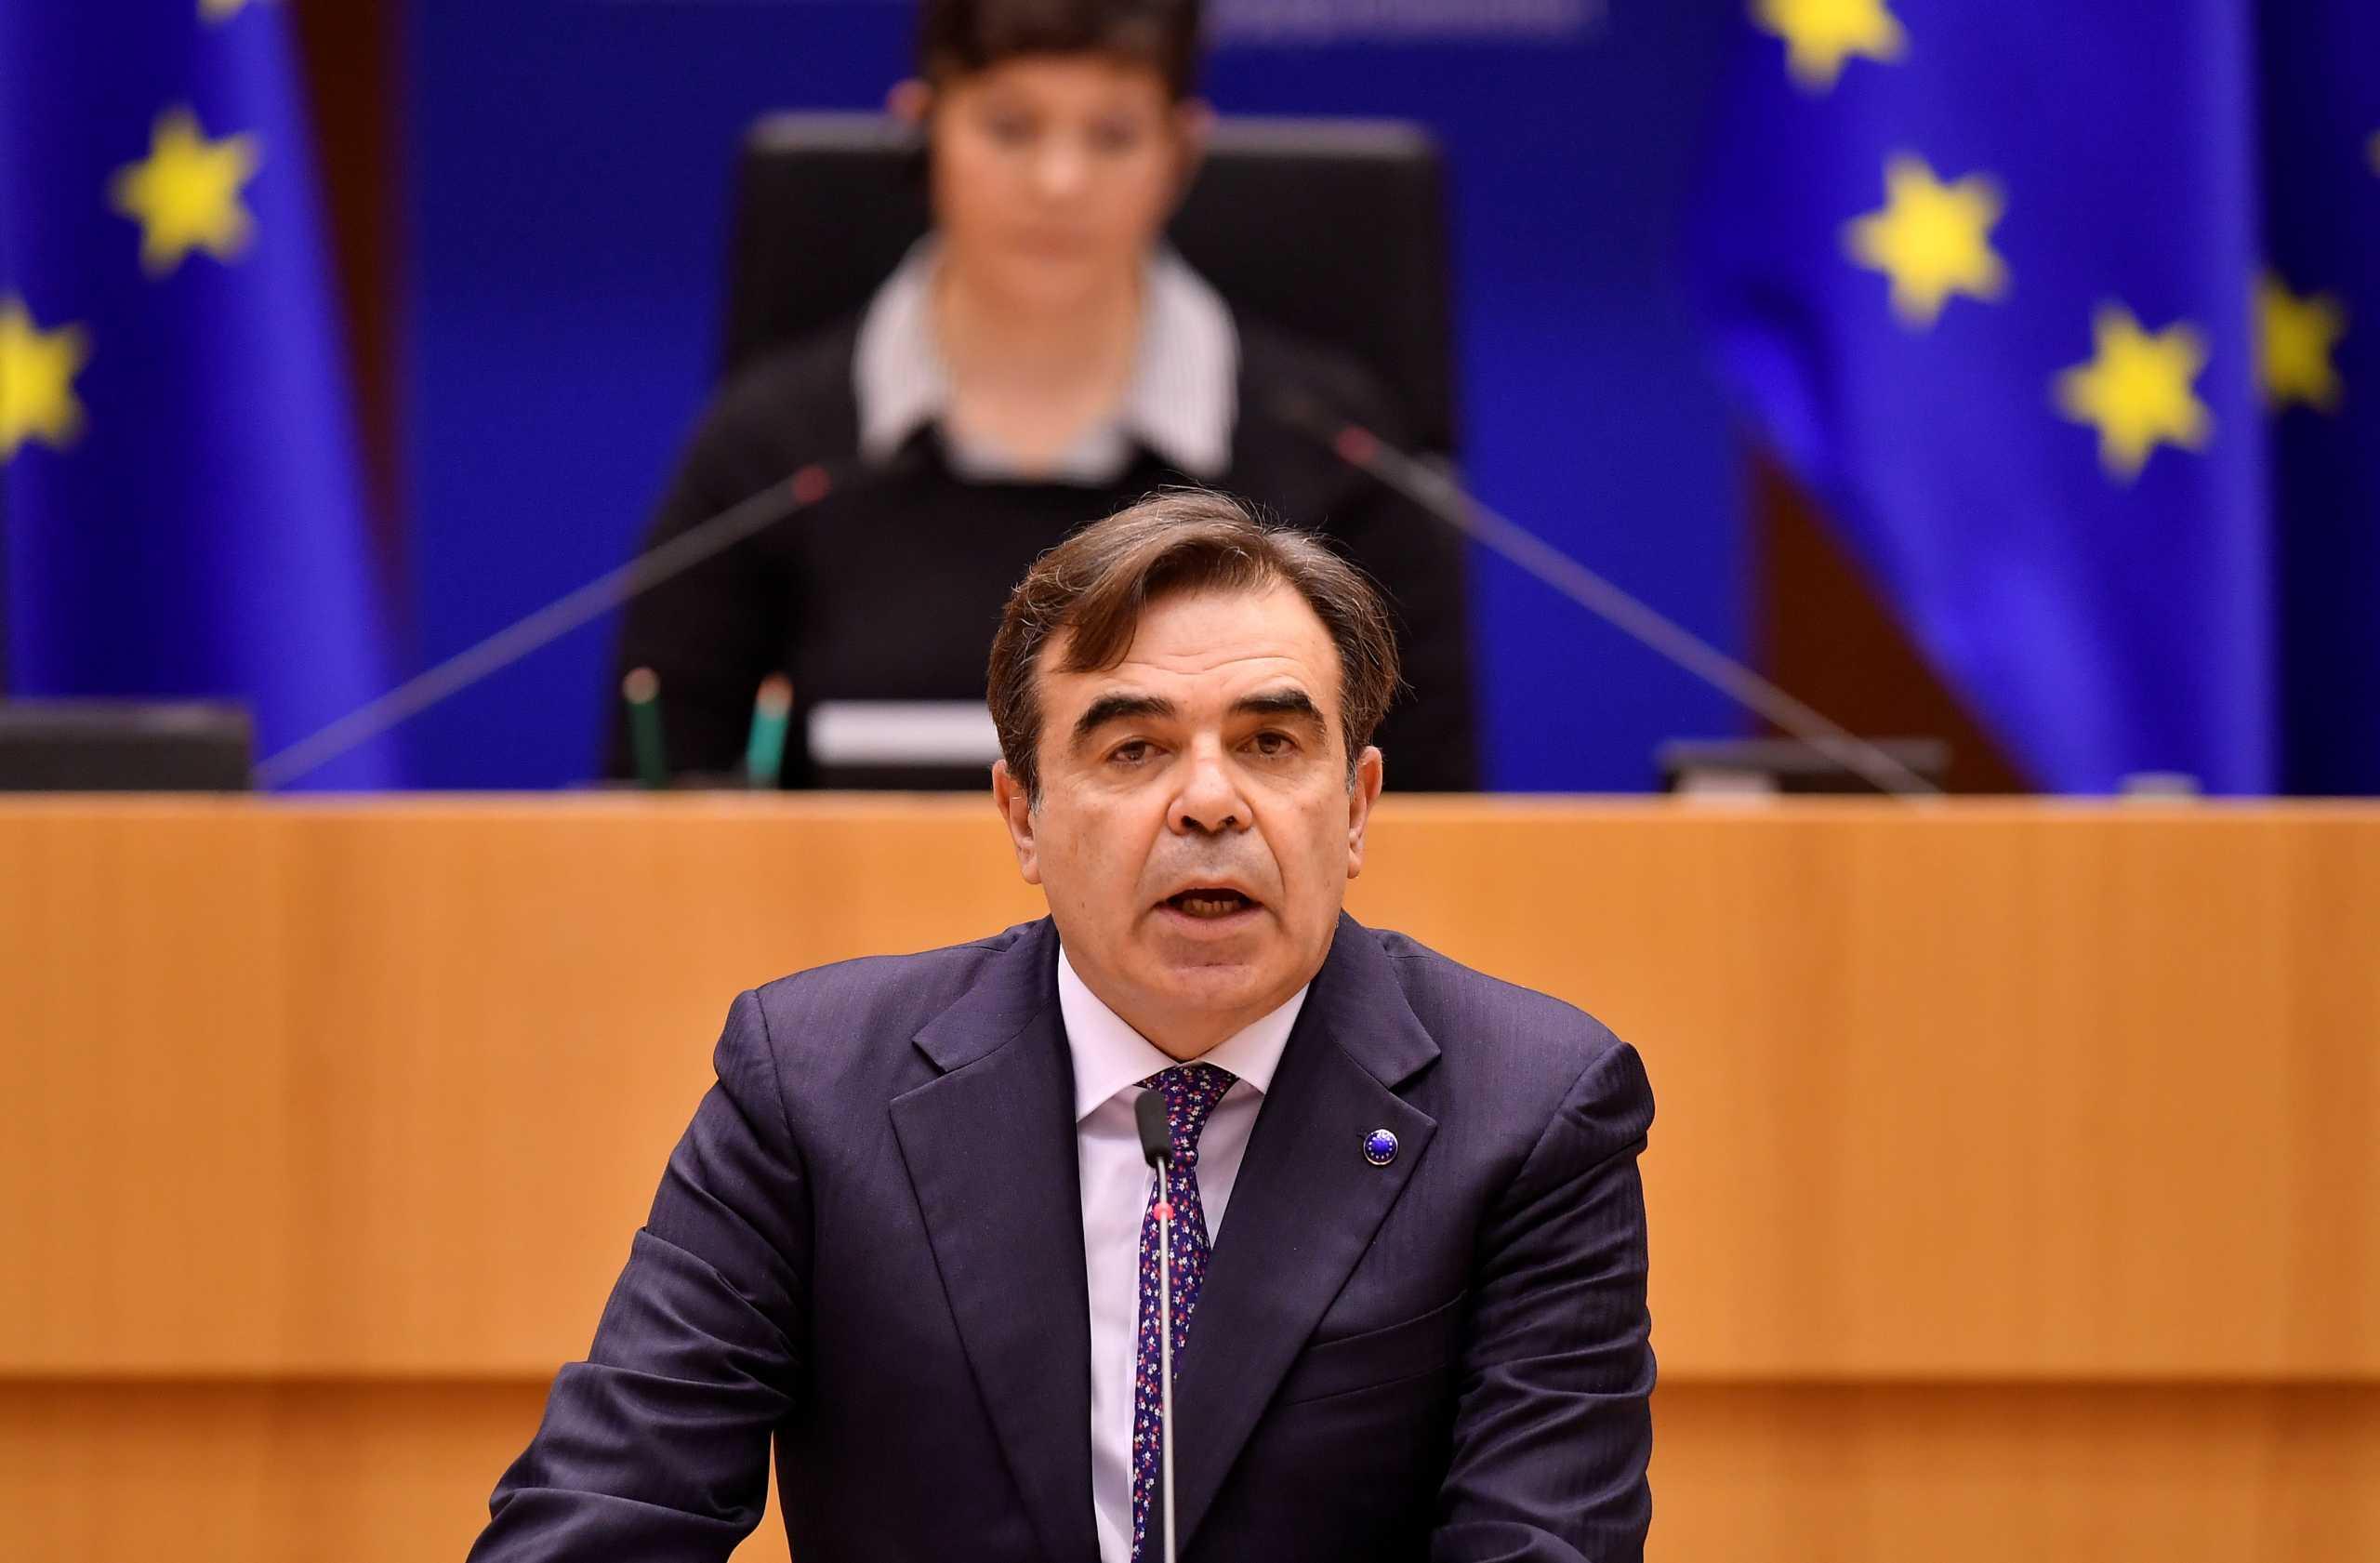 Σχοινάς: Καμία εταιρεία δεν μπορεί να εκβιάσει την ΕΕ για τα εμβόλια